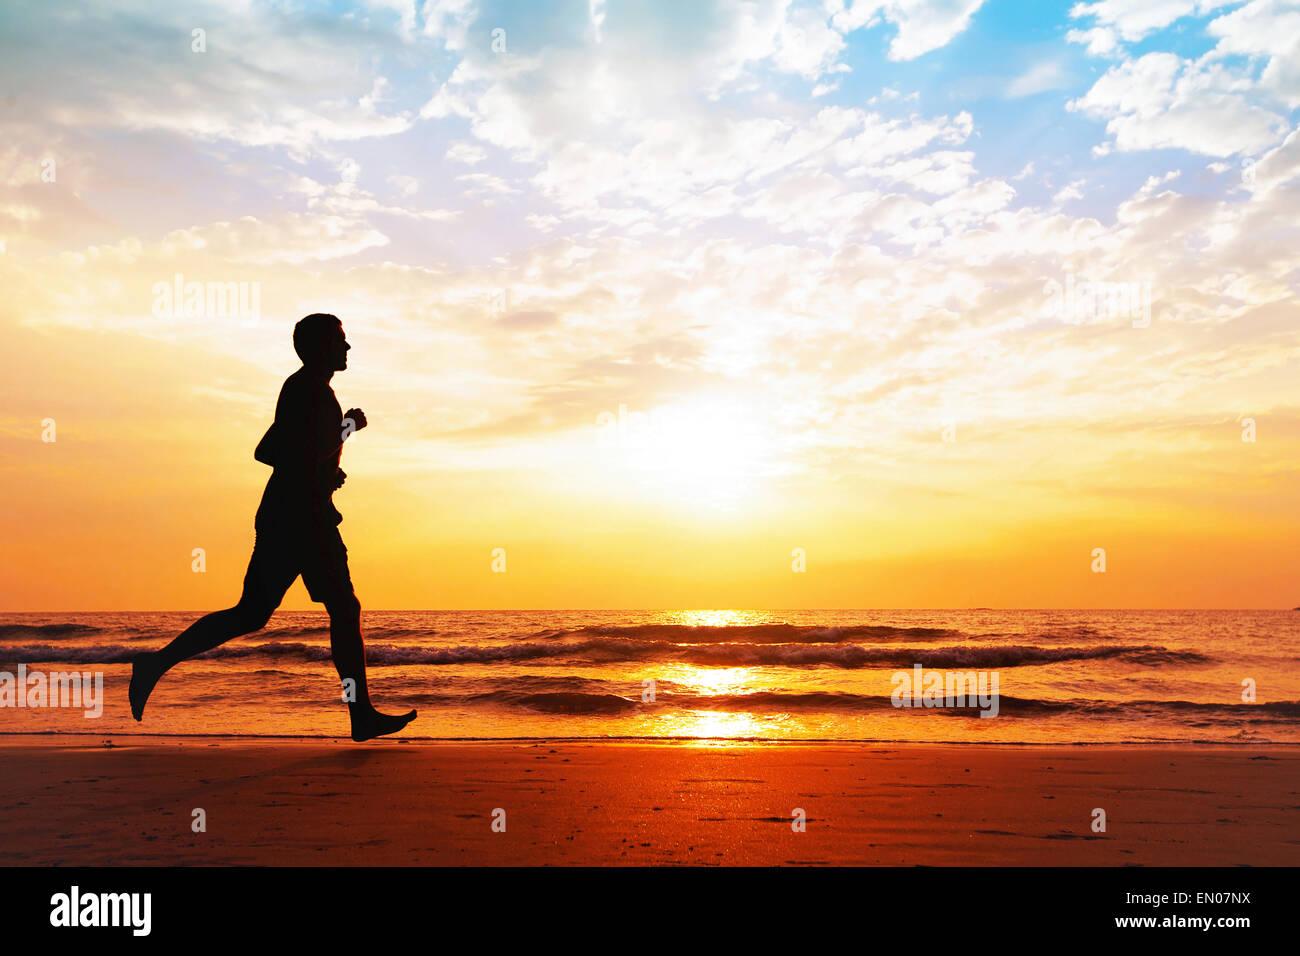 aktive Gesundheit, Silhouette der Mann am Strand joggen Stockbild